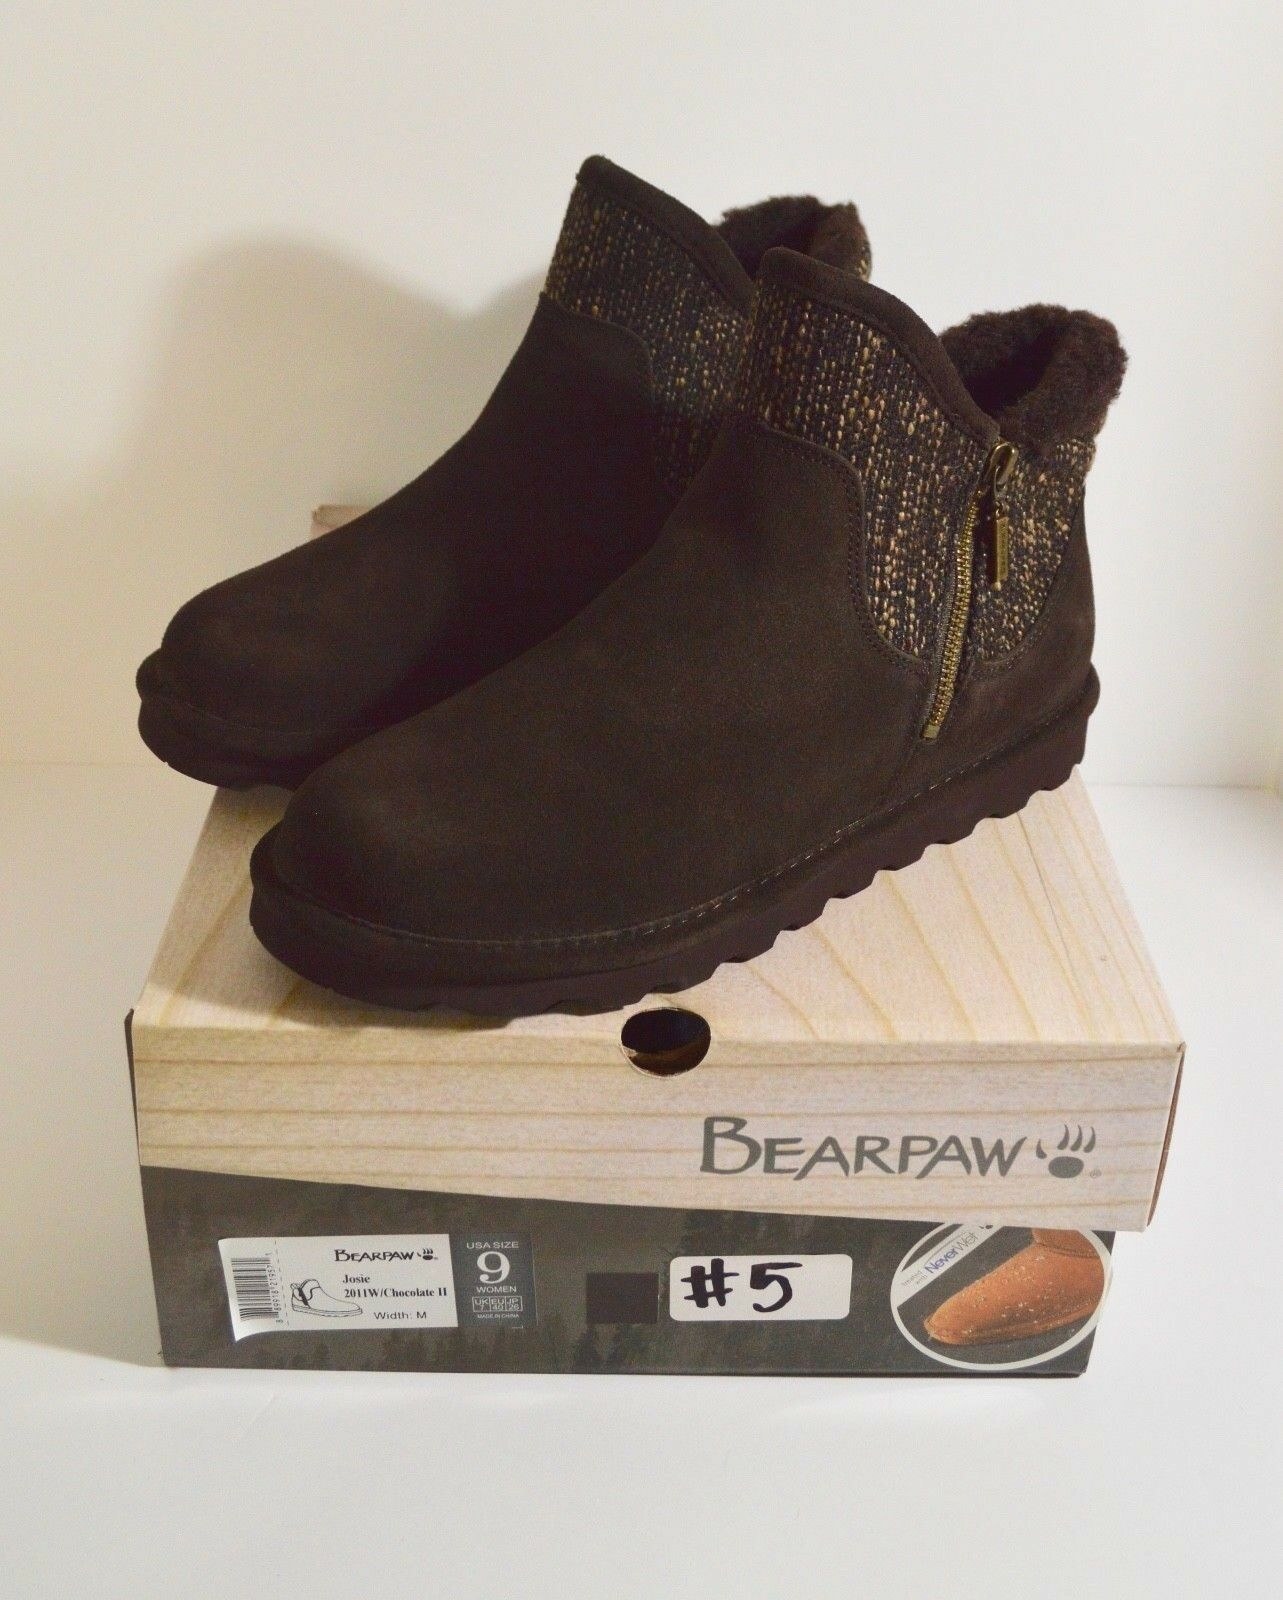 BearPaw Josie Women's Suede Zip Low Cut Booties Booties Booties Chocolate Size 9M New With Box 72c8dc